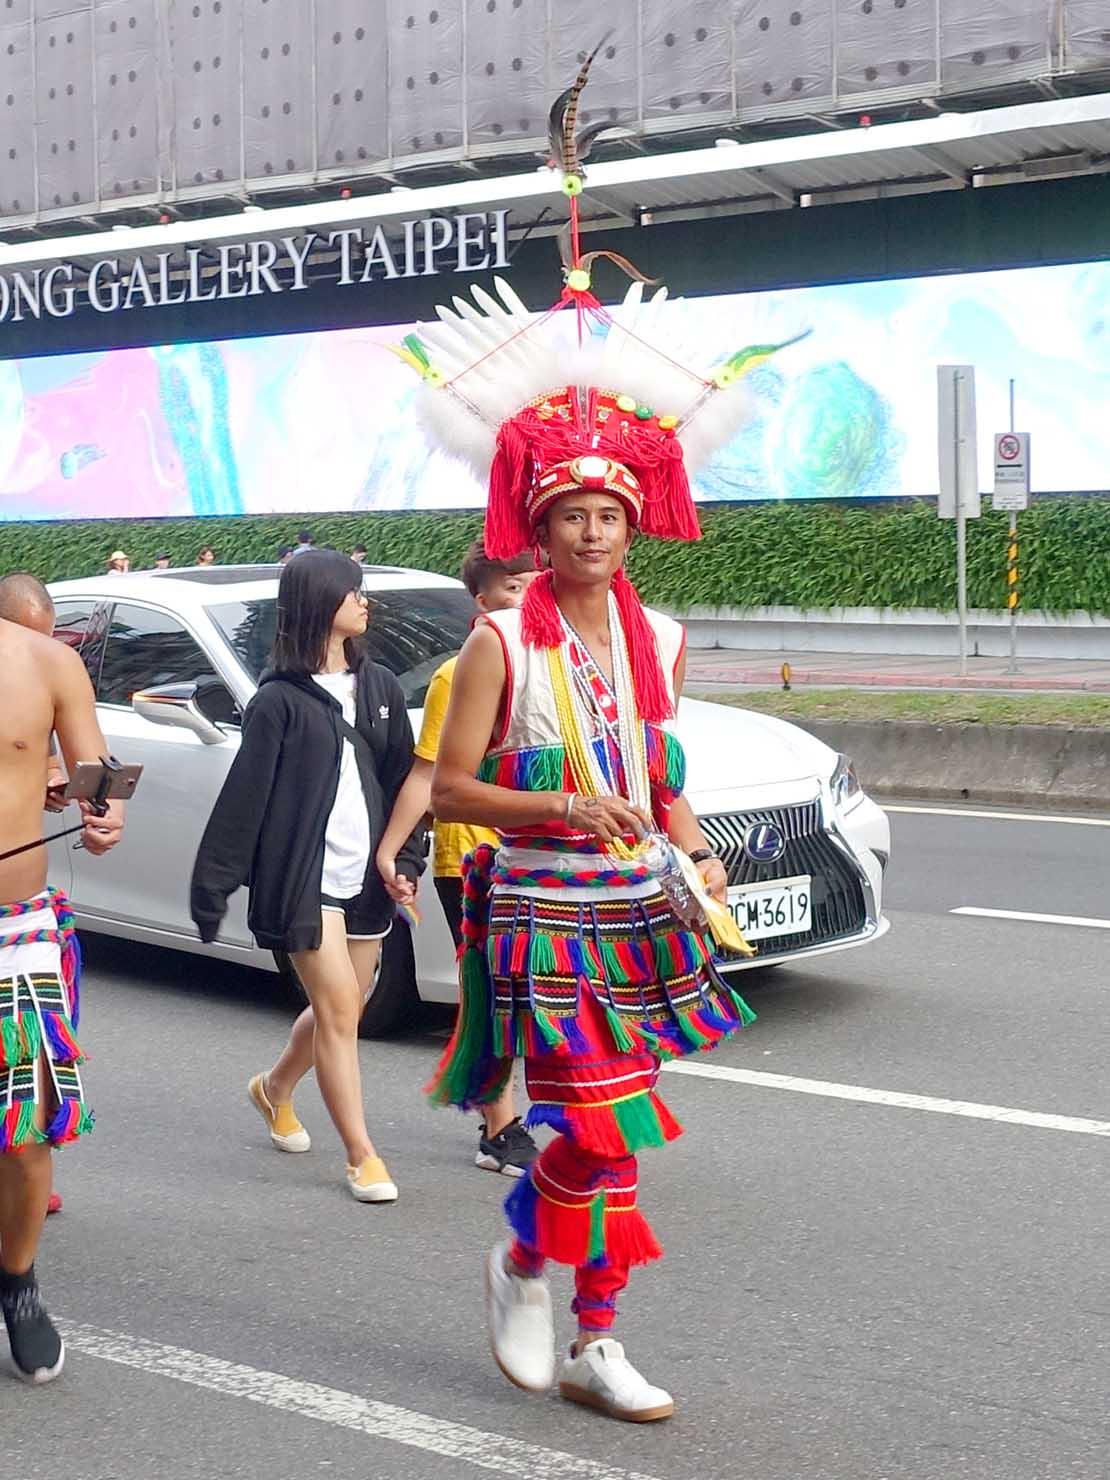 台灣同志遊行(台湾LGBTプライド)2019のパレードを台湾原住民族の衣装で歩く参加者